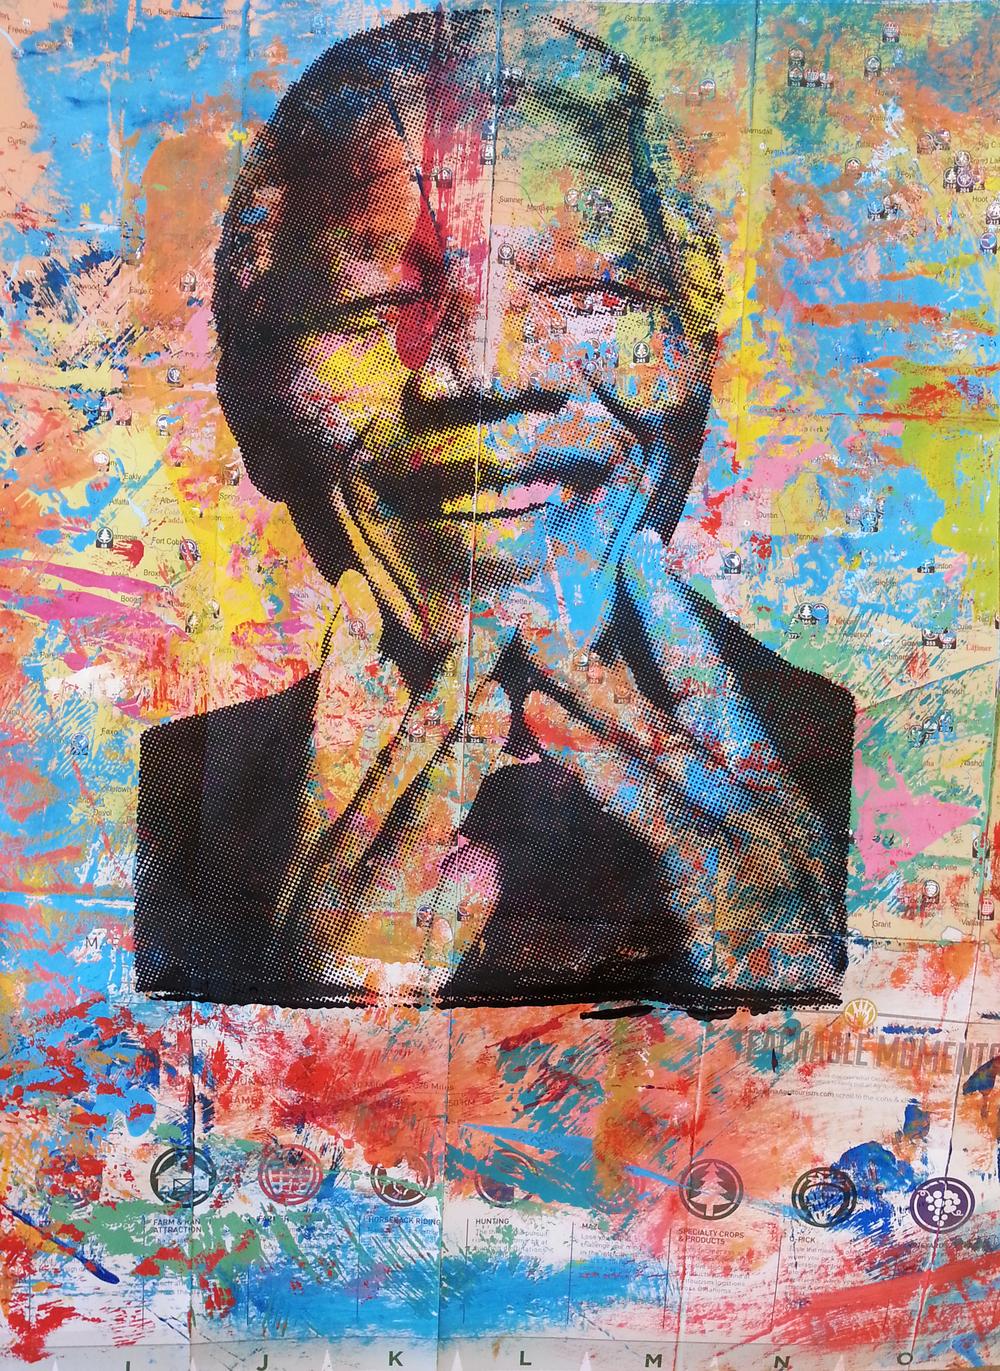 Mandela 6. 24 x 25 in